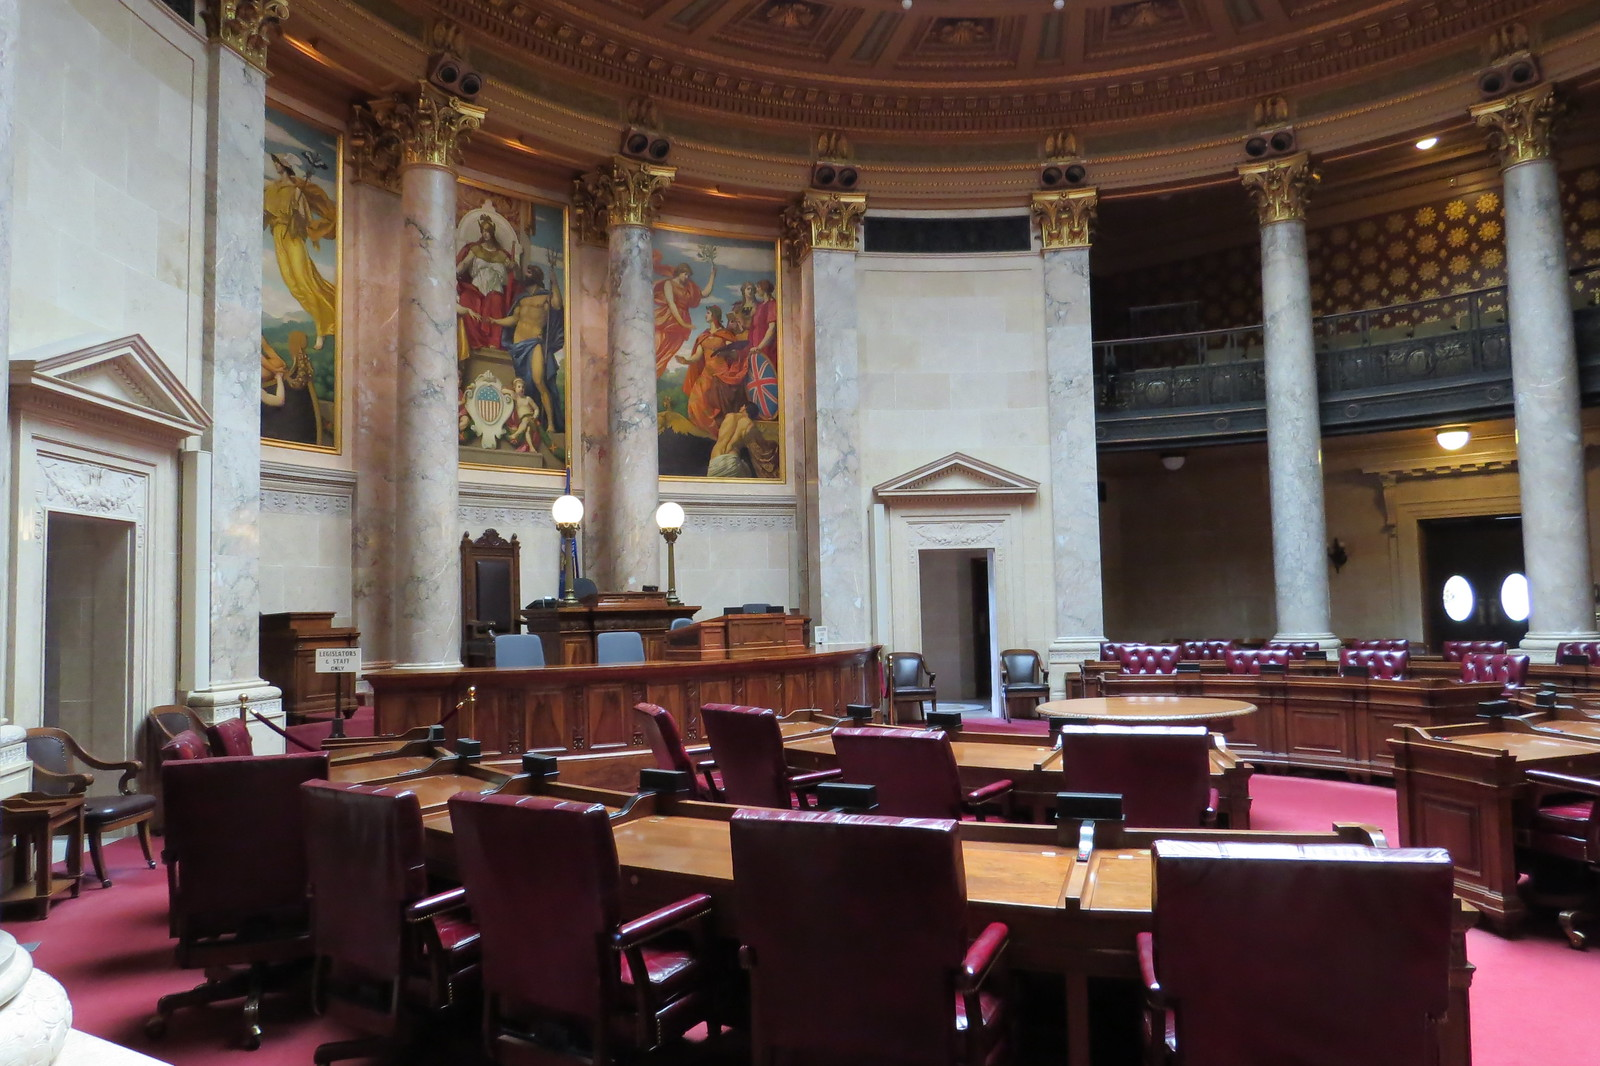 State Senate Chamber, Madison, WI